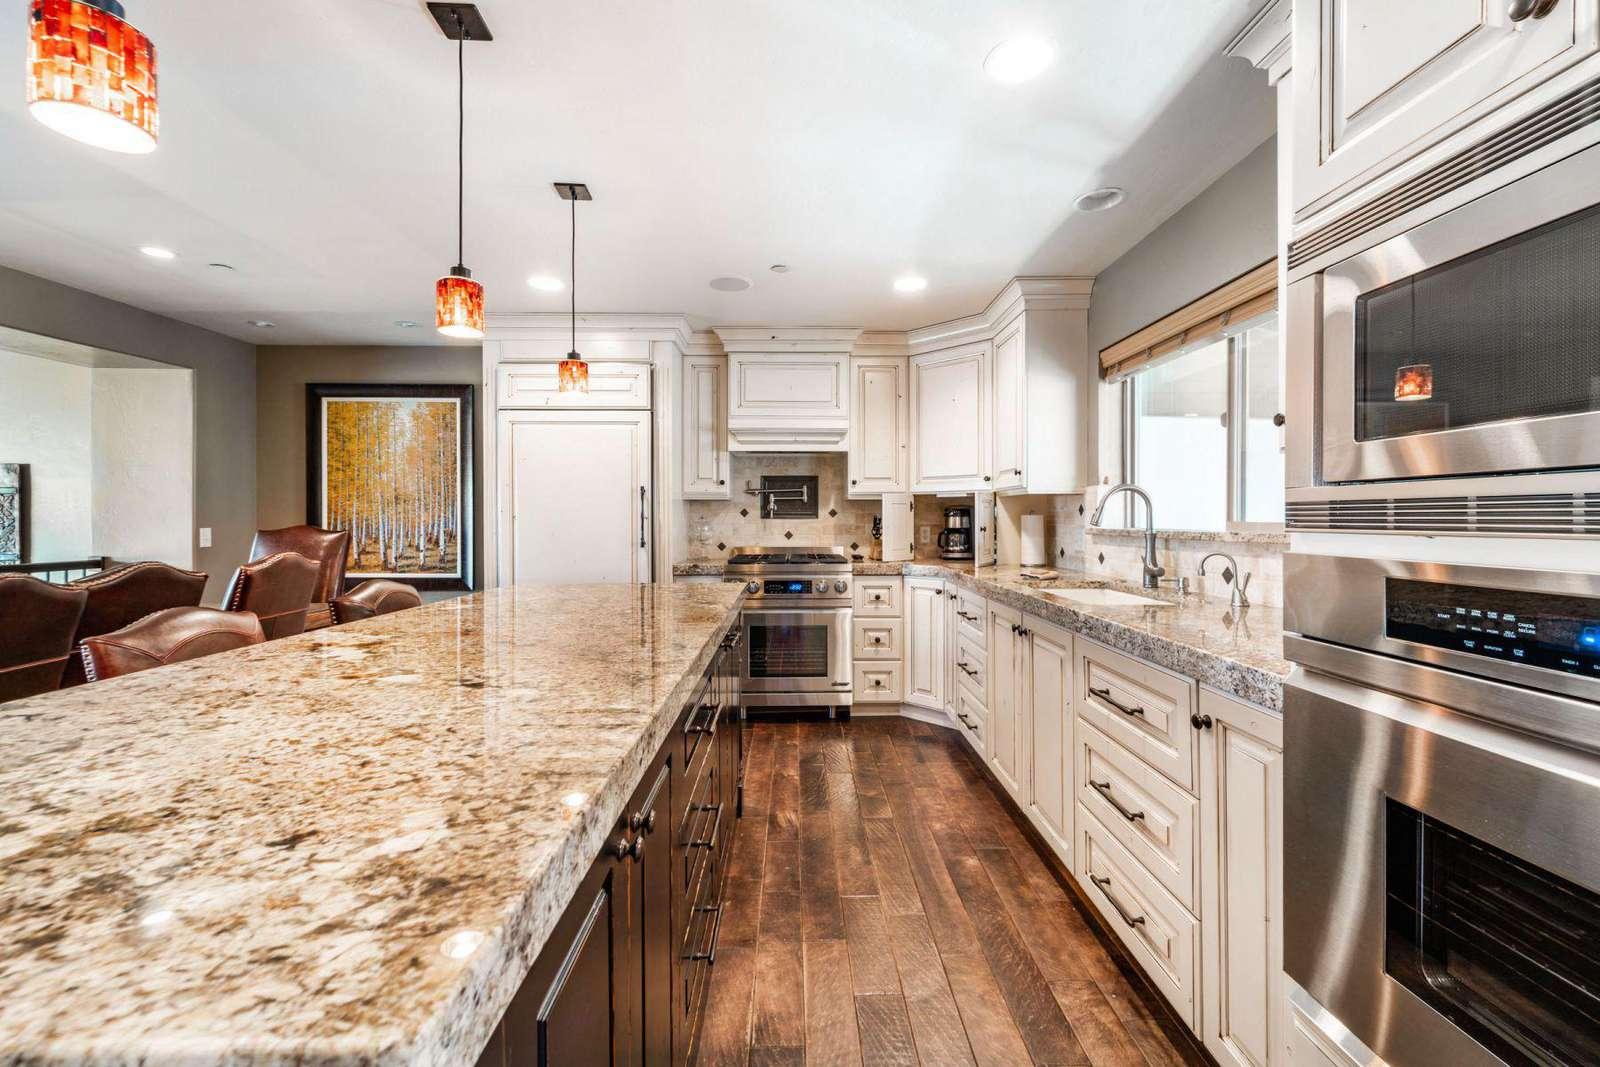 Spacious kitchen with appliances